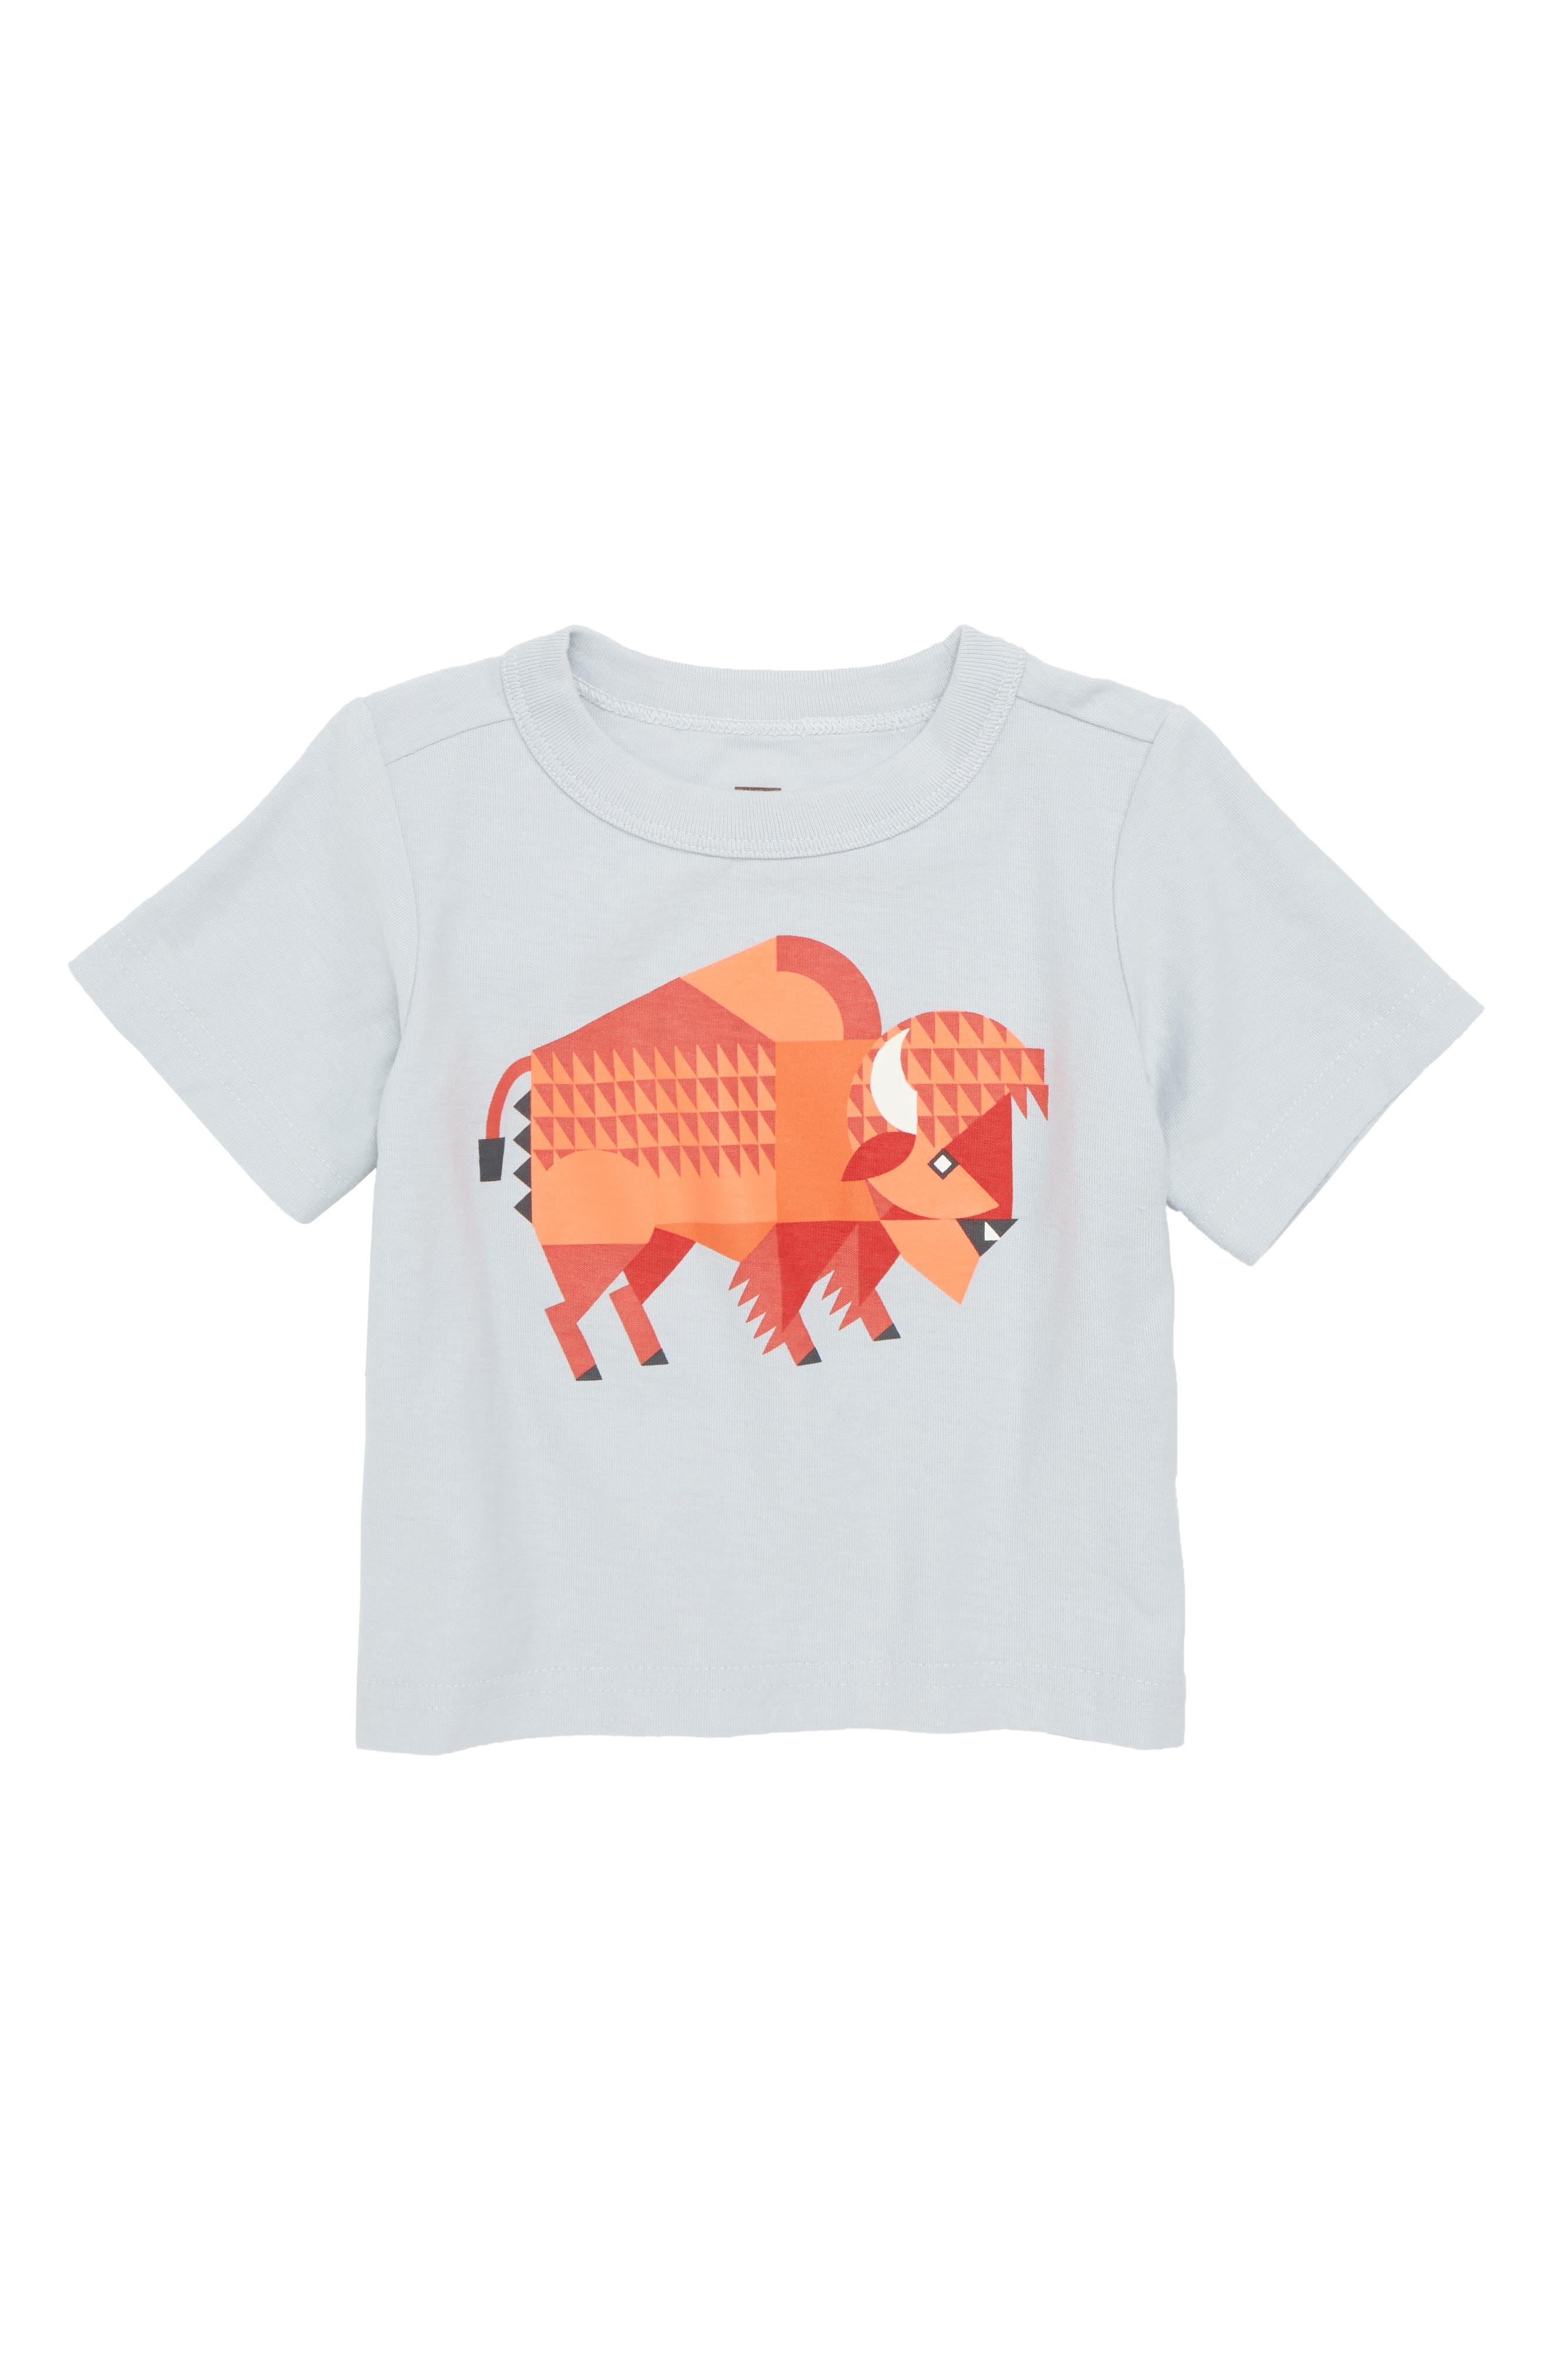 Bison T-Shirt,                             Main thumbnail 1, color,                             600